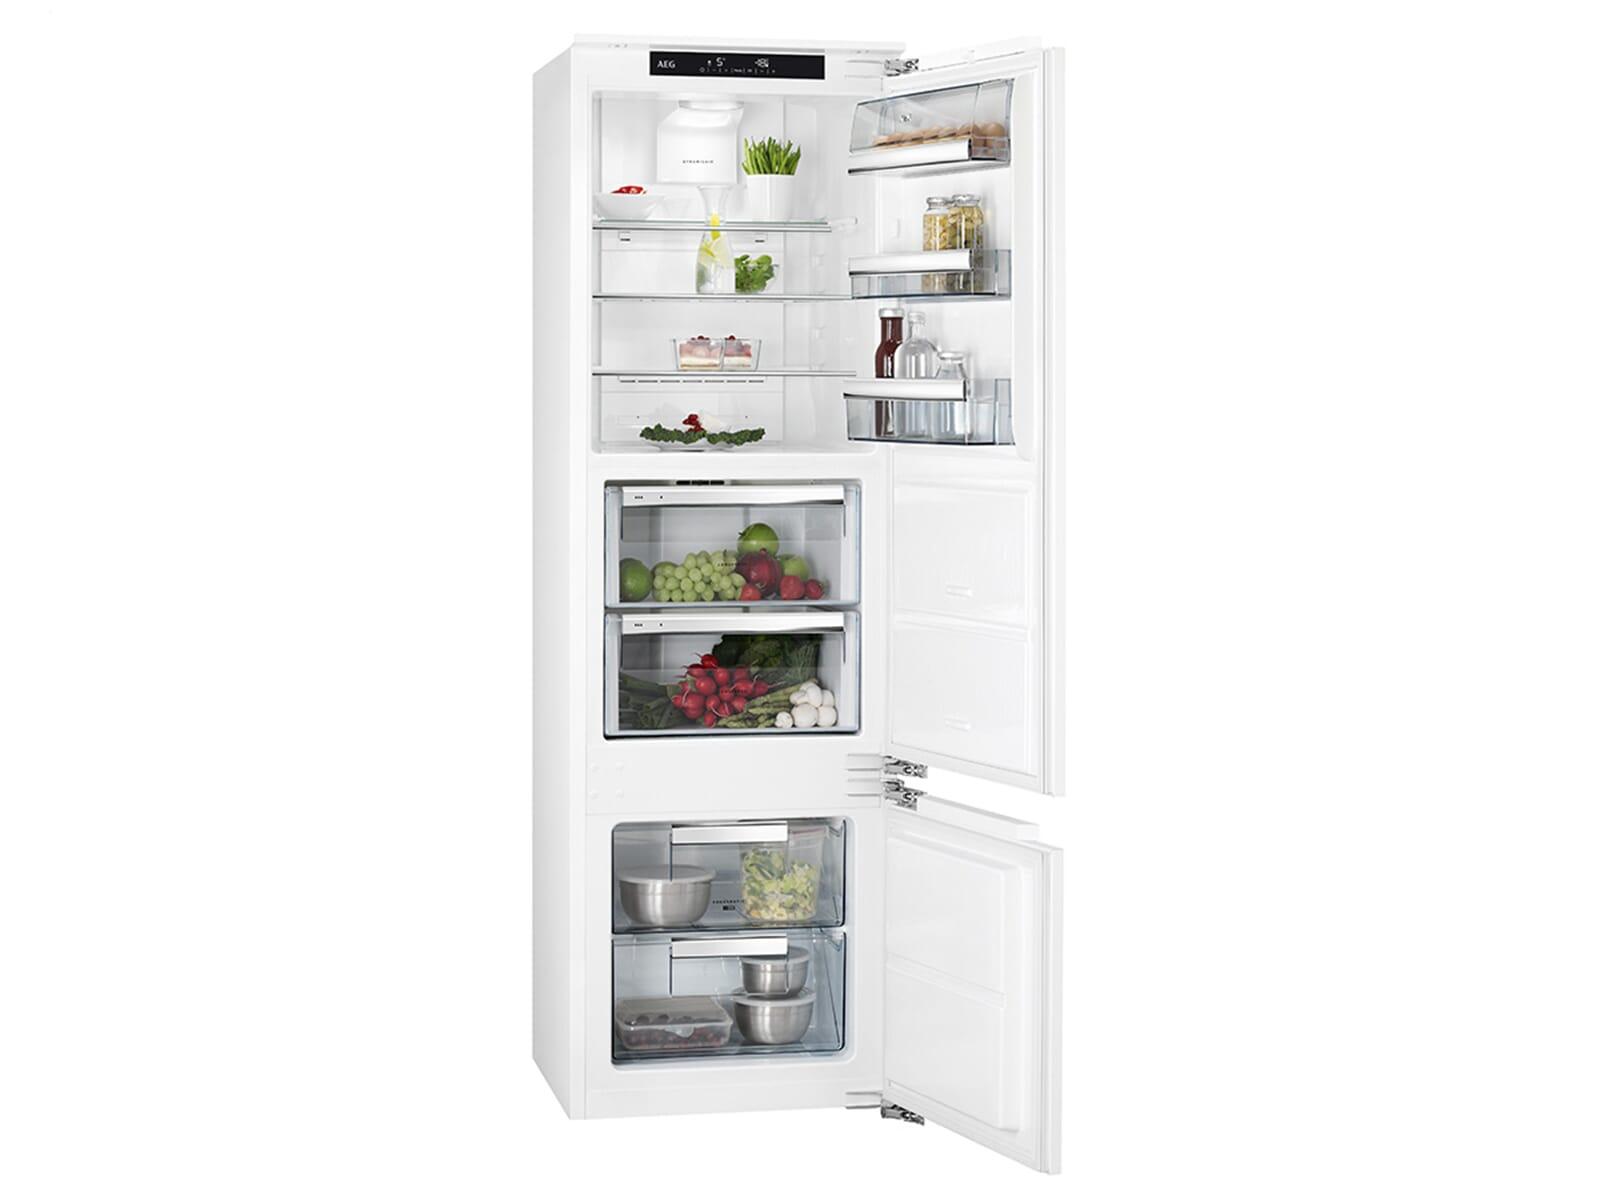 Aeg Kühlschrank Unterbau : Aeg sce zf einbau kühl gefrierkombination